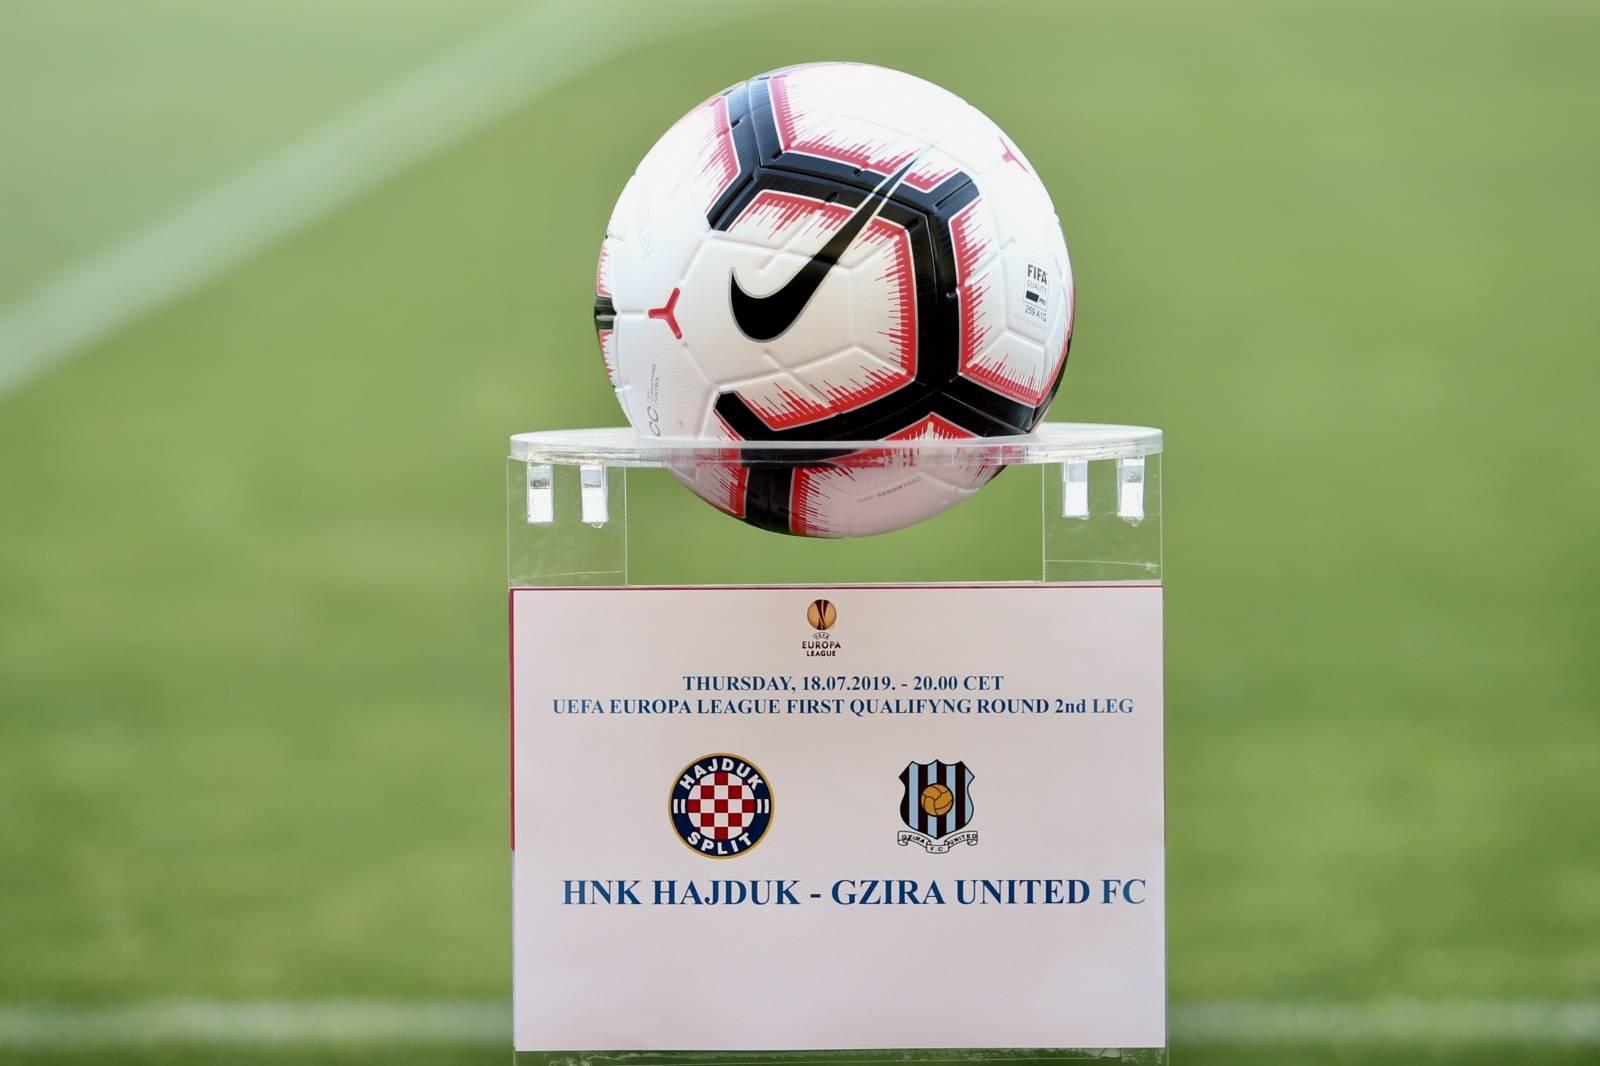 Split: Kvalifikacije za Europski ligu, Hajduk - Gzira United